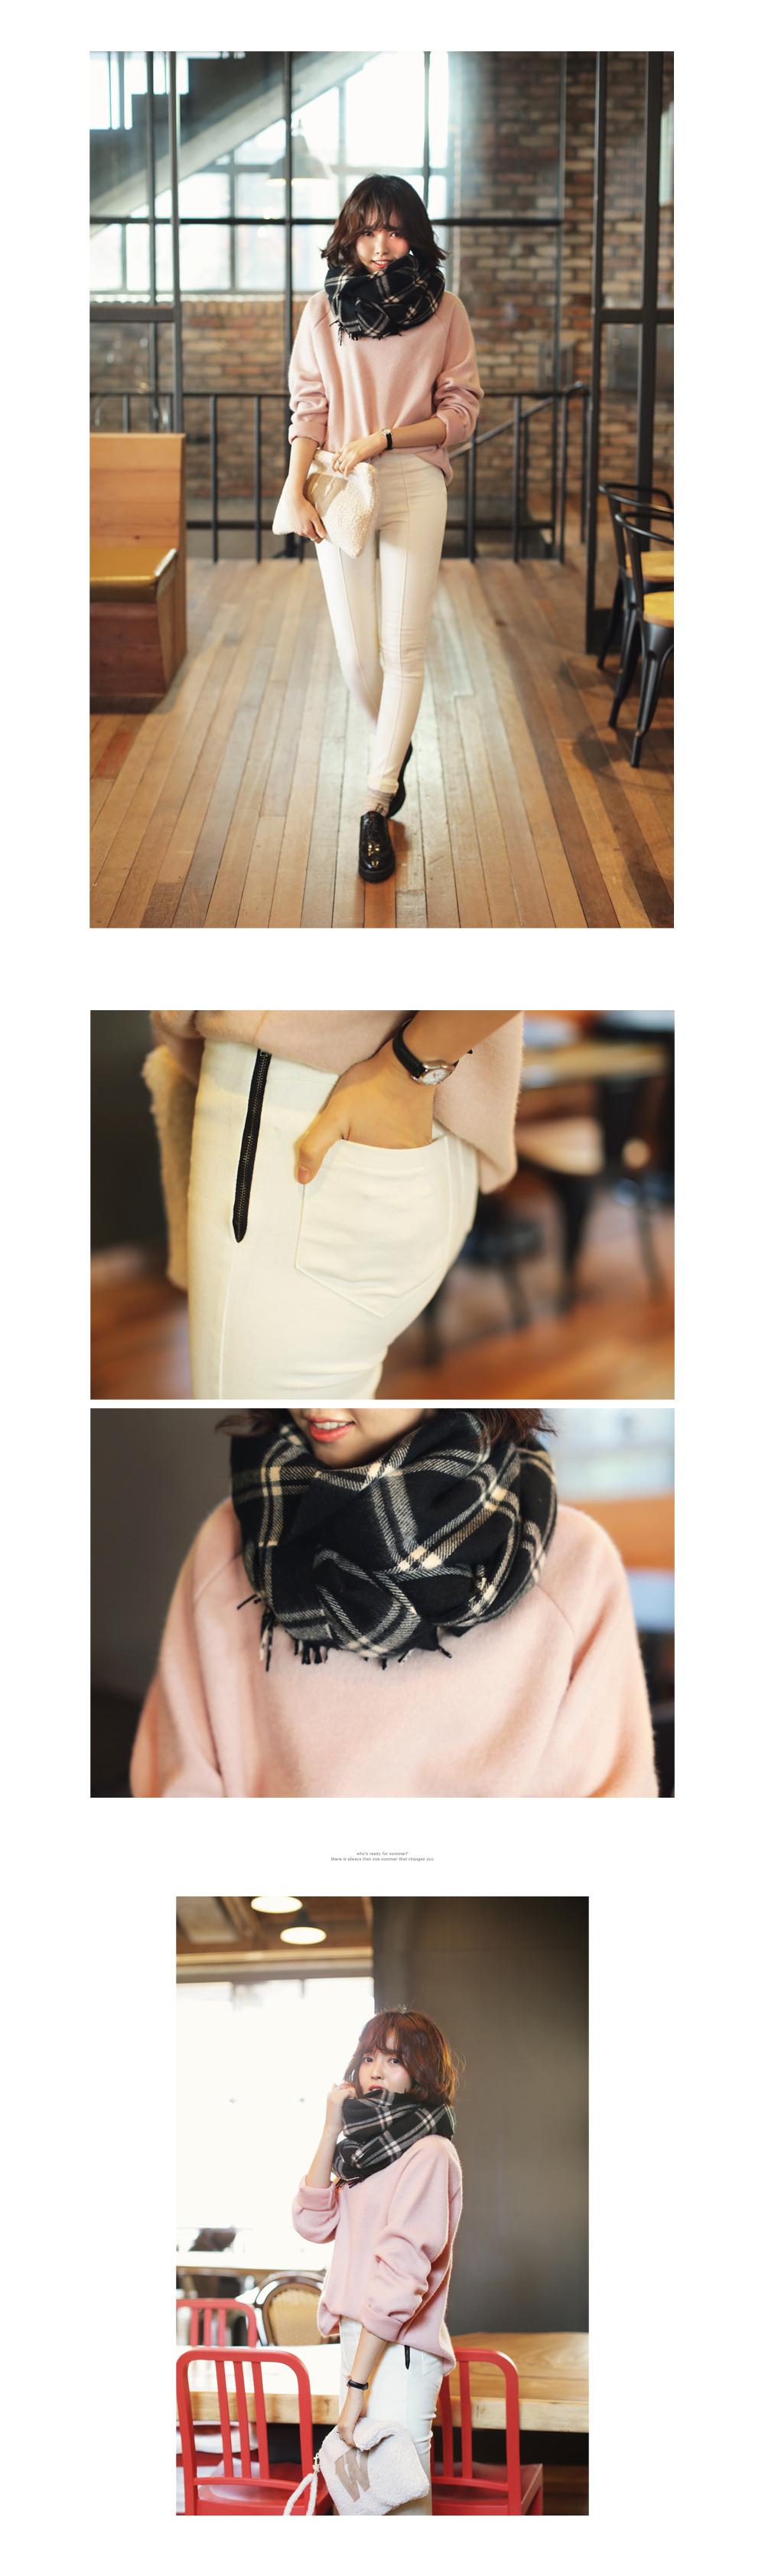 衣服衣领蝴蝶结的系法图解